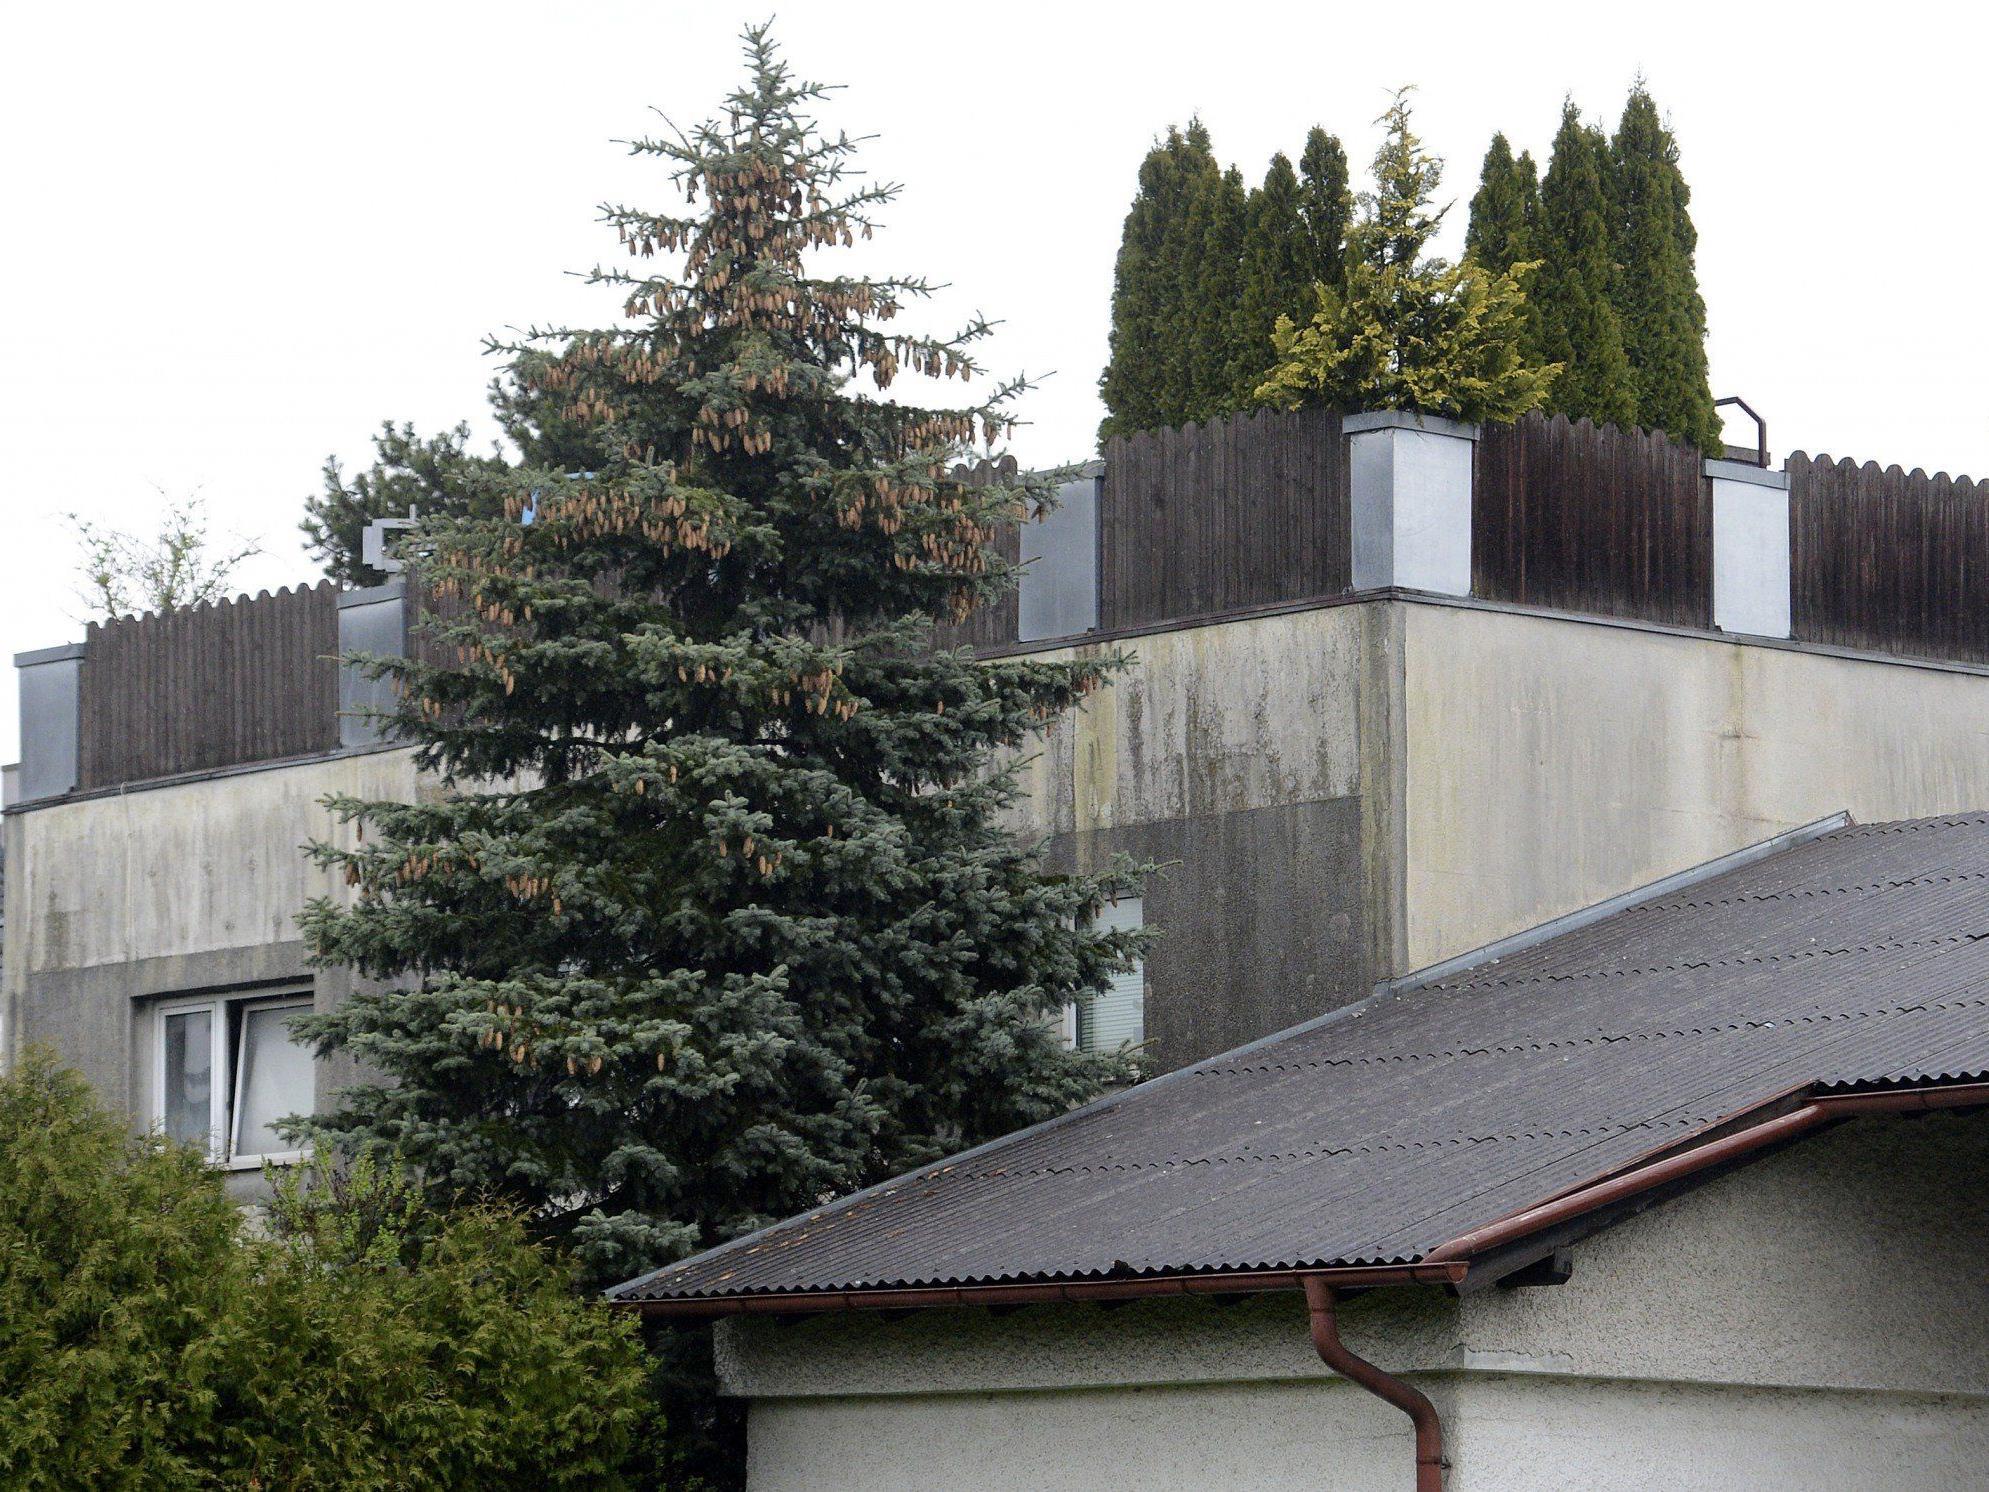 Das Hauses in Amstetten, in dessen Keller die 42jährige Elisabeth F. 24 Jahre lang von ihrem Vater Josef F. festgehalten wurde.